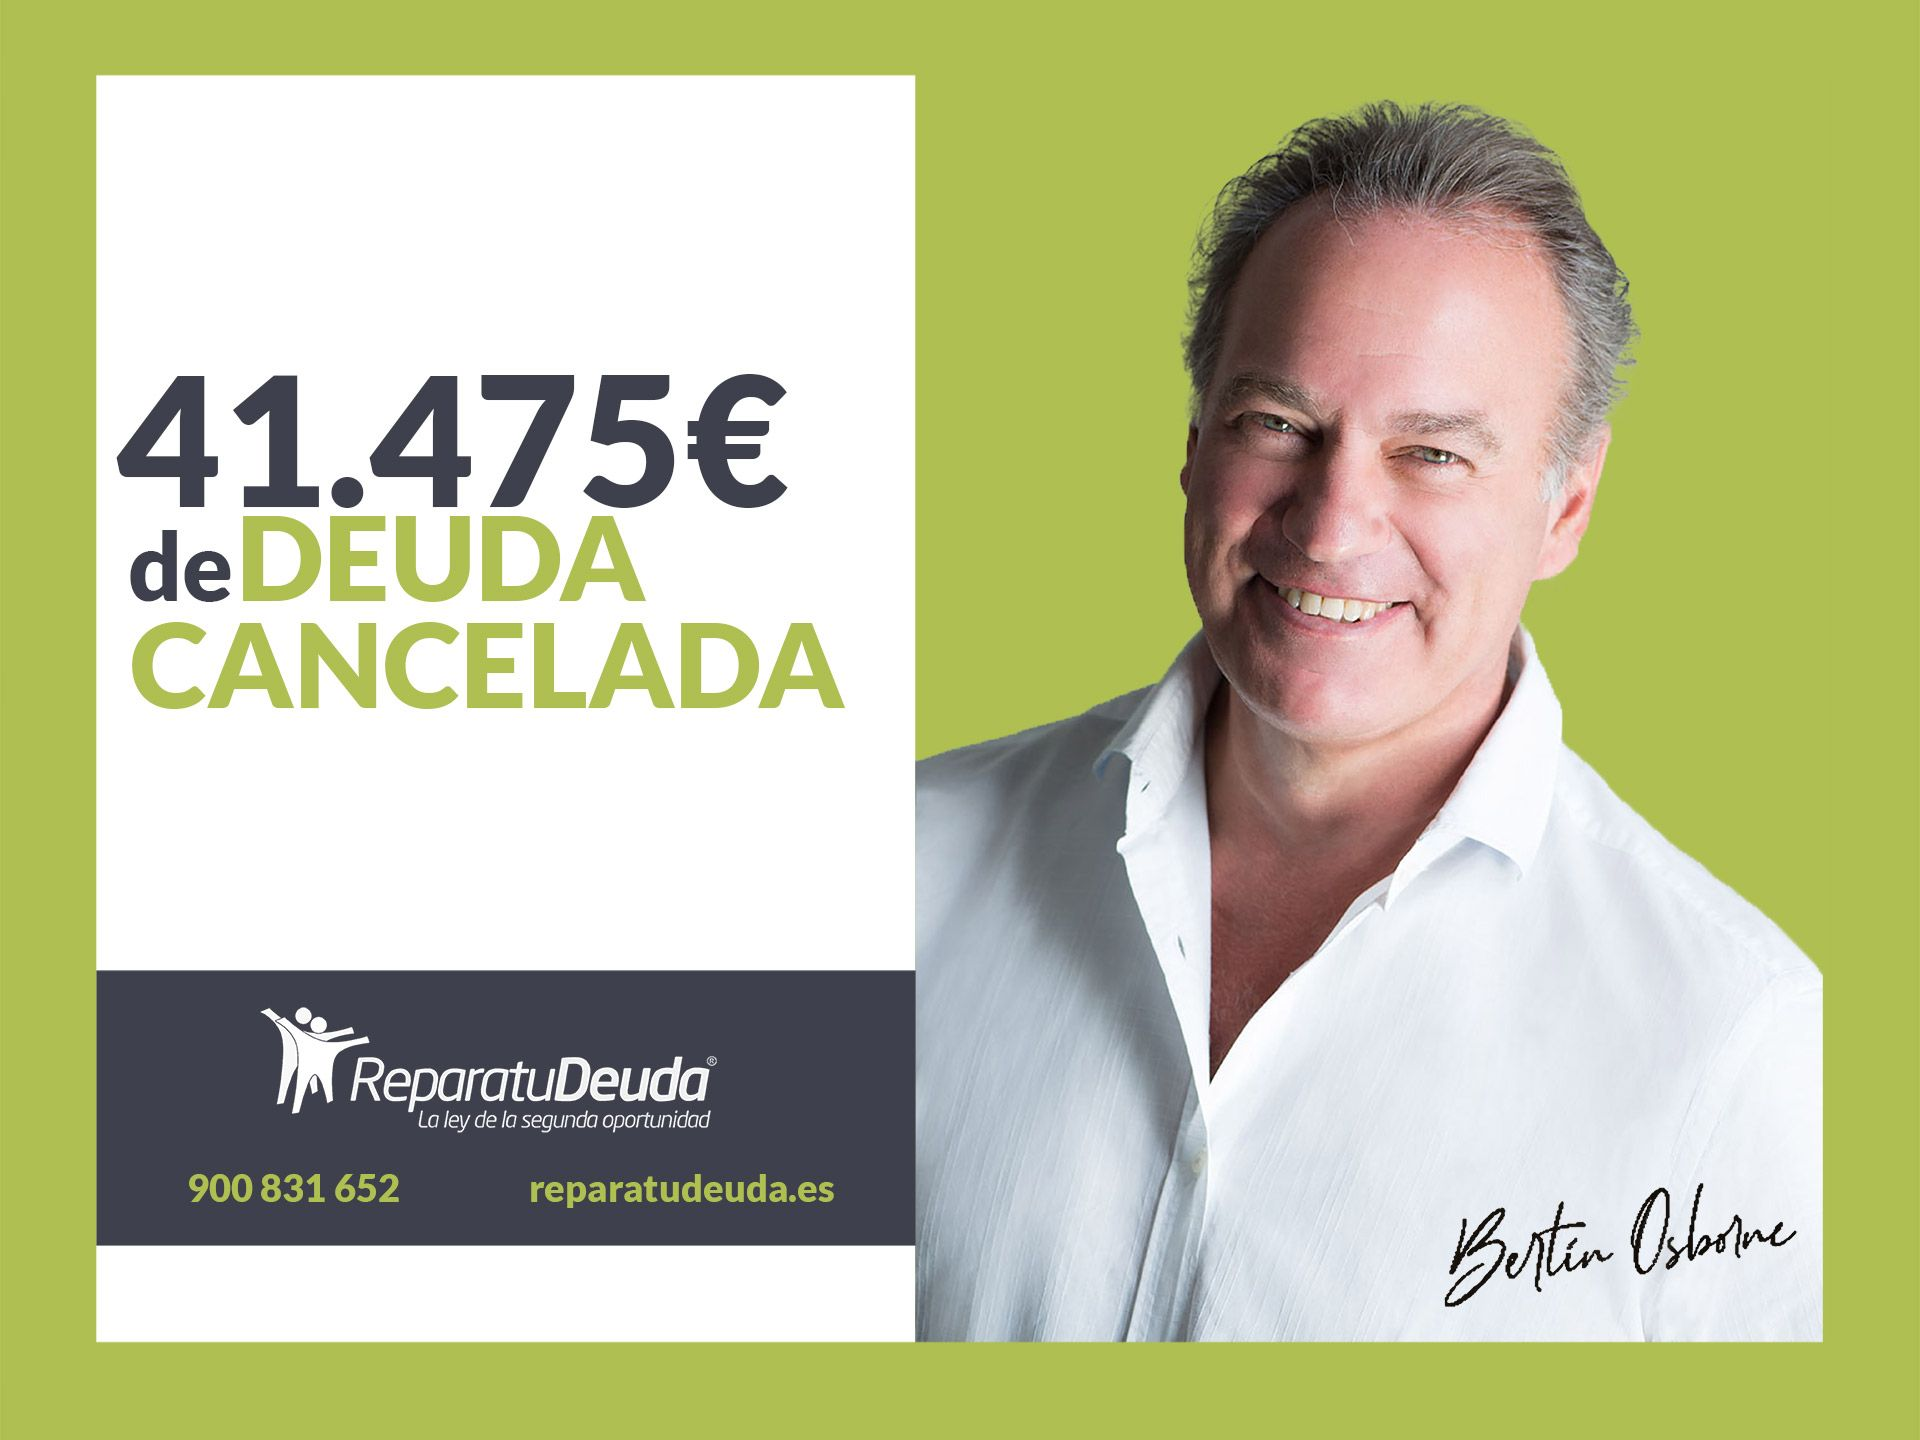 Repara tu Deuda Abogados cancela 41.475 ? en Colmenar Viejo (Madrid) con la Ley de Segunda Oportunidad